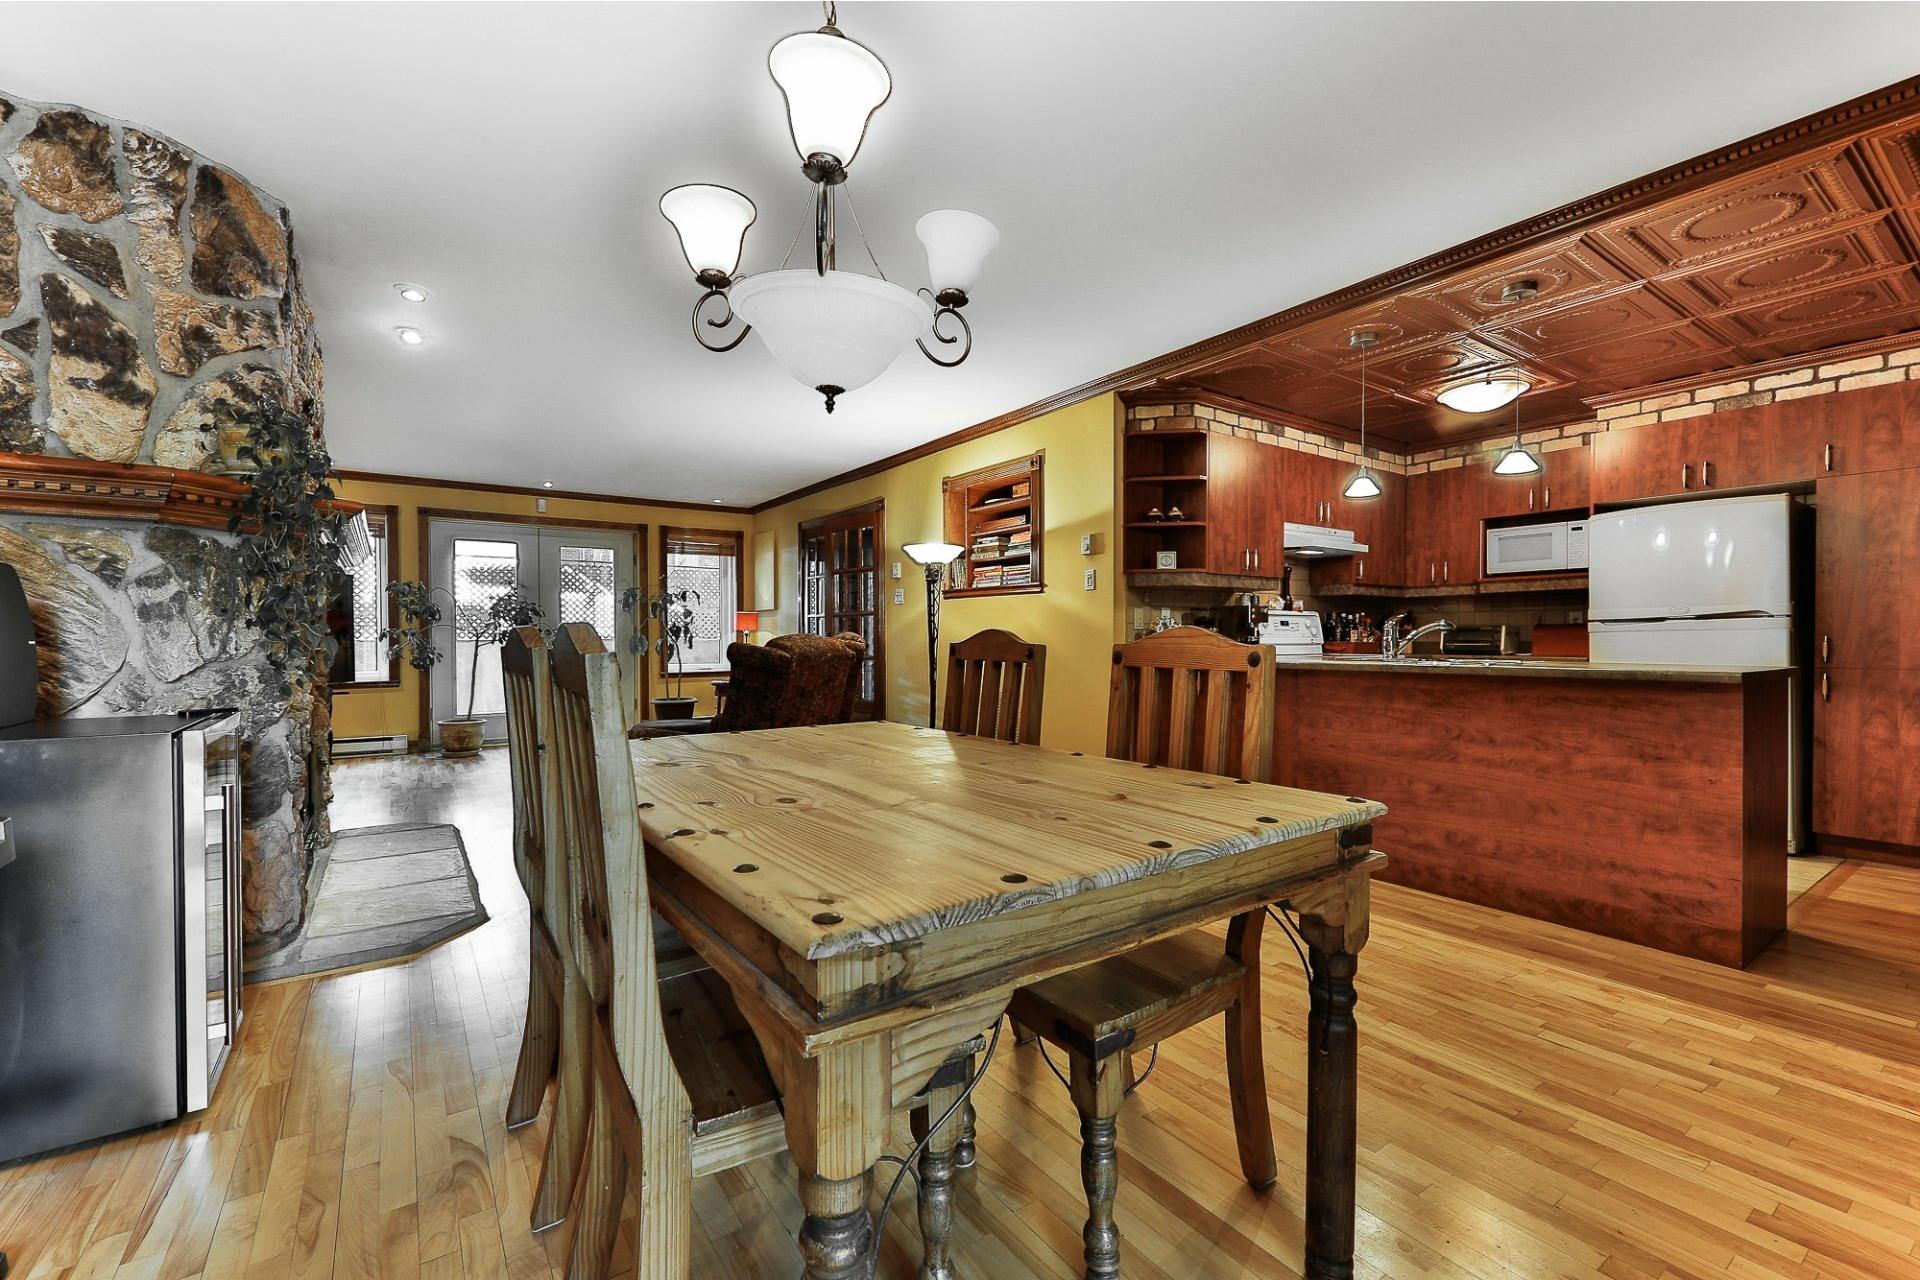 image 4 - Apartment For sale Villeray/Saint-Michel/Parc-Extension Montréal  - 6 rooms